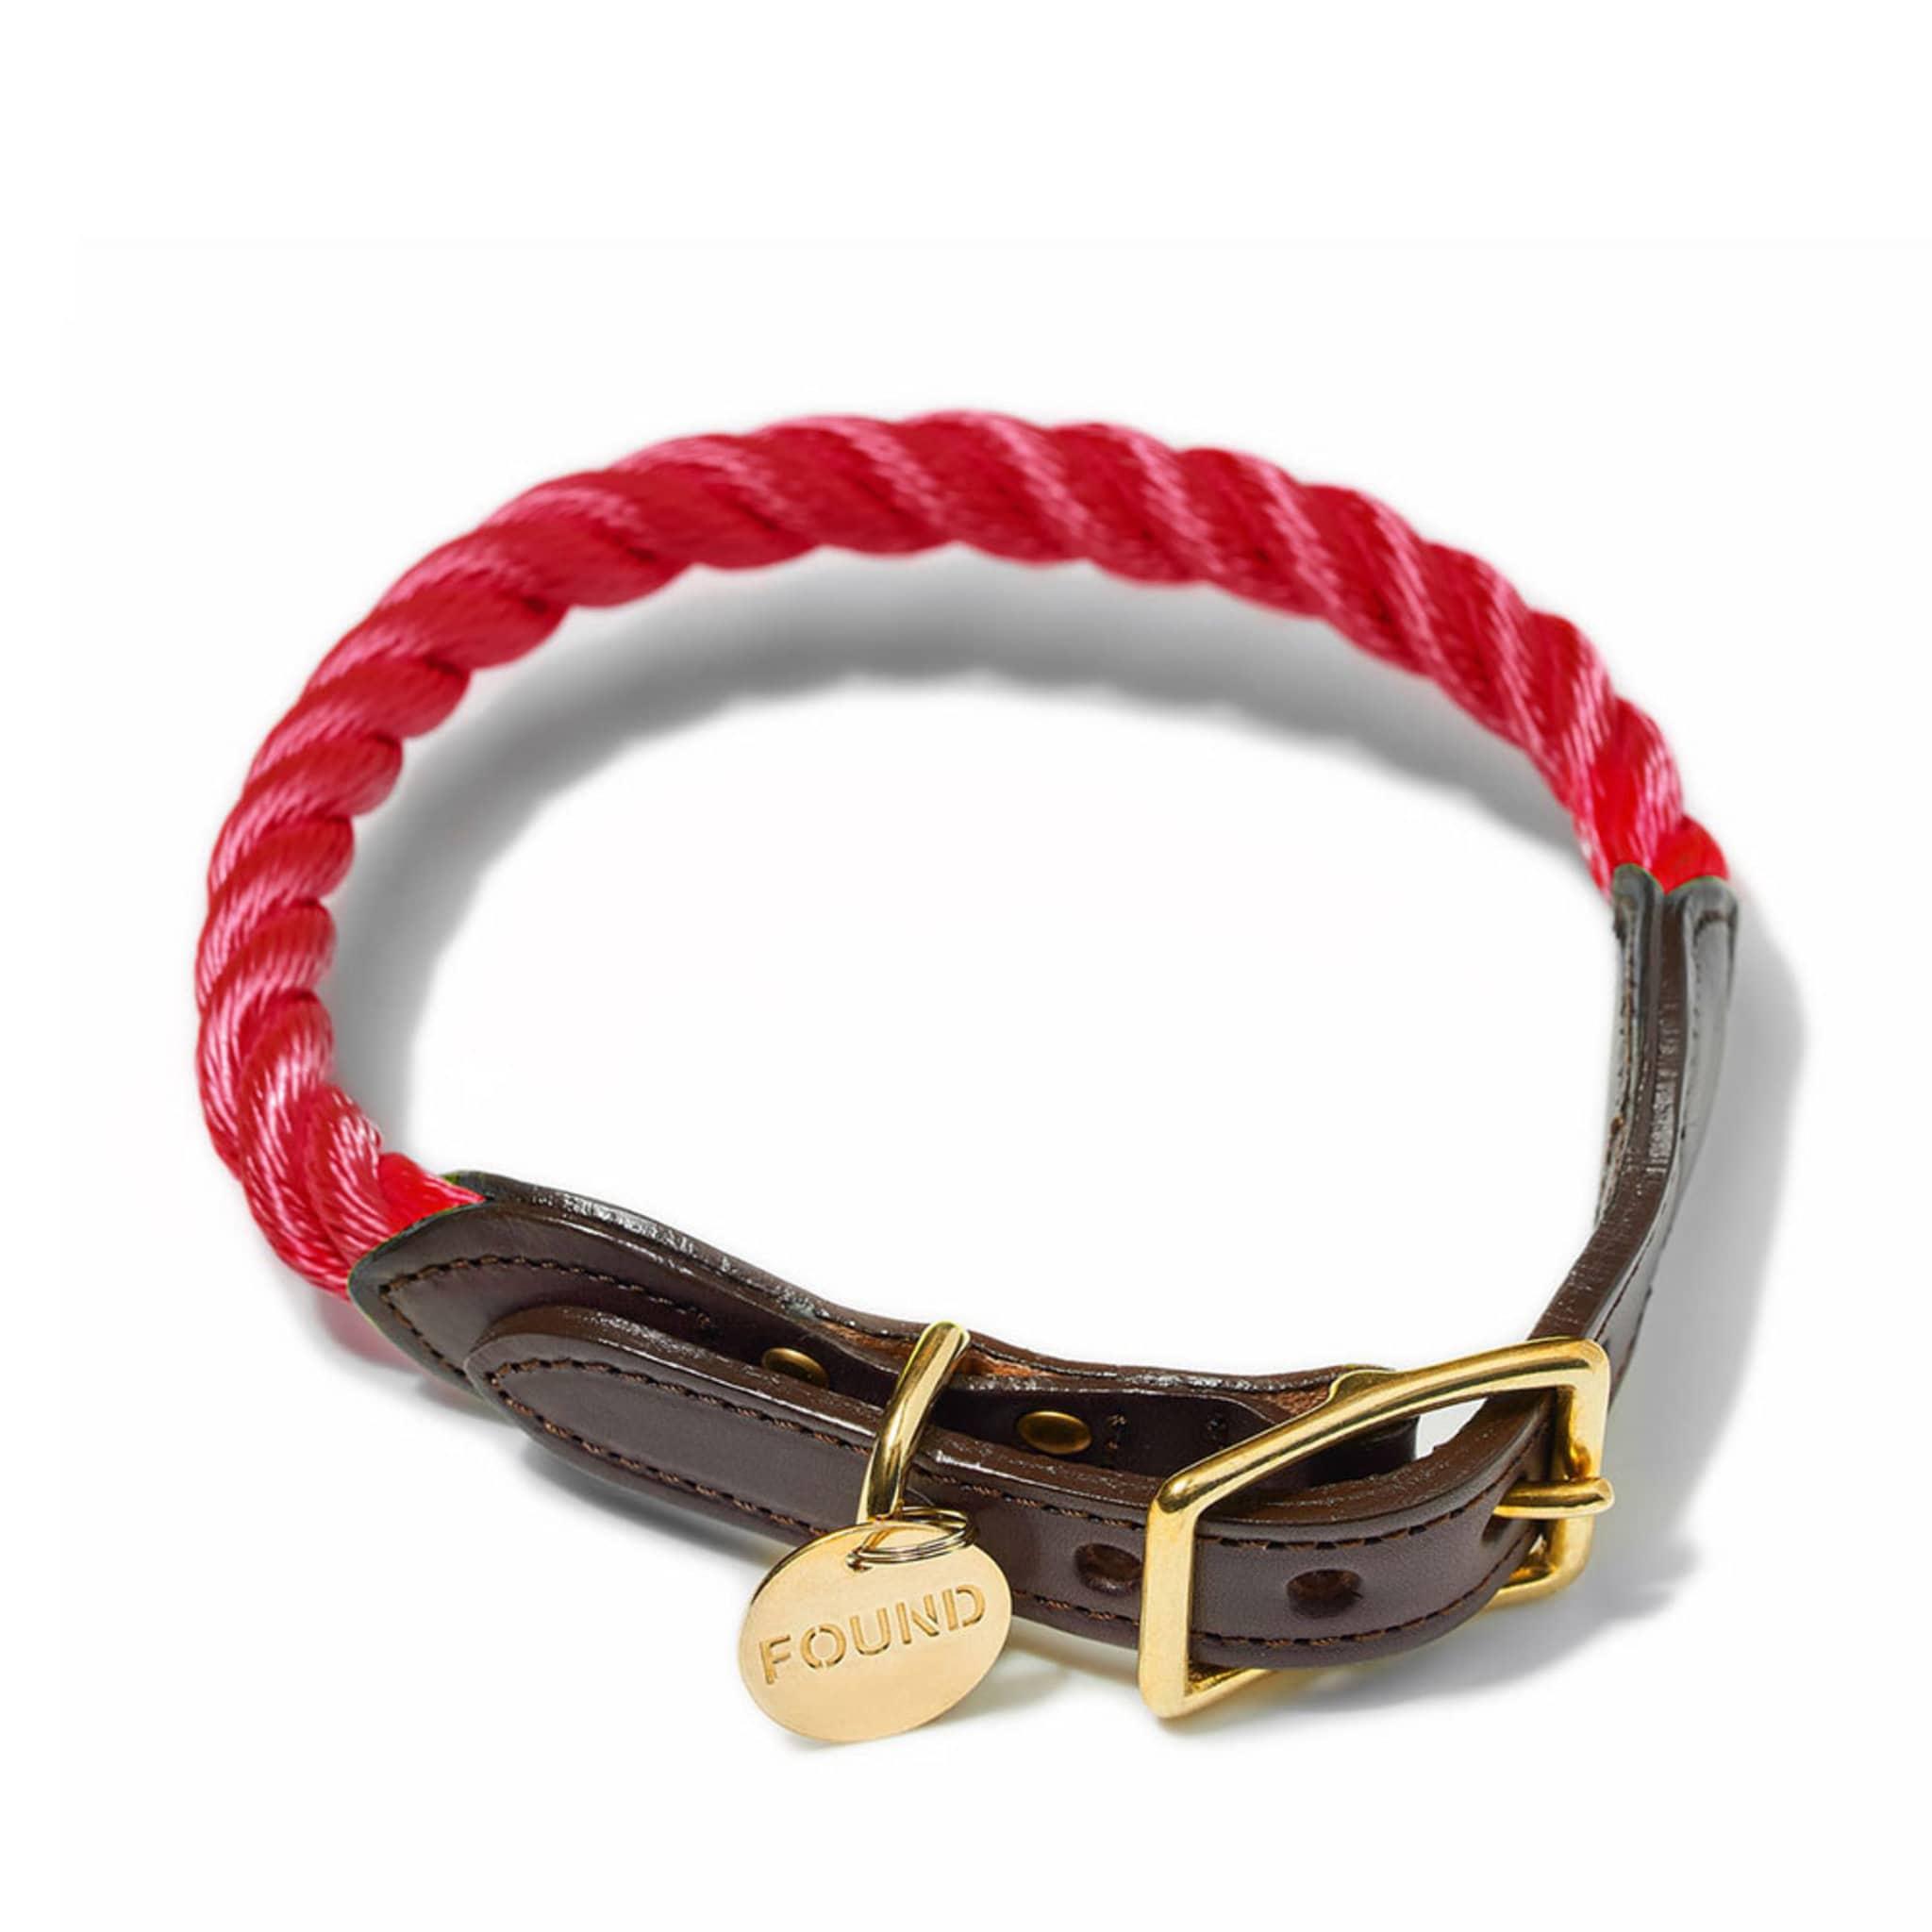 Found my Animal, Hundhalsband Rope